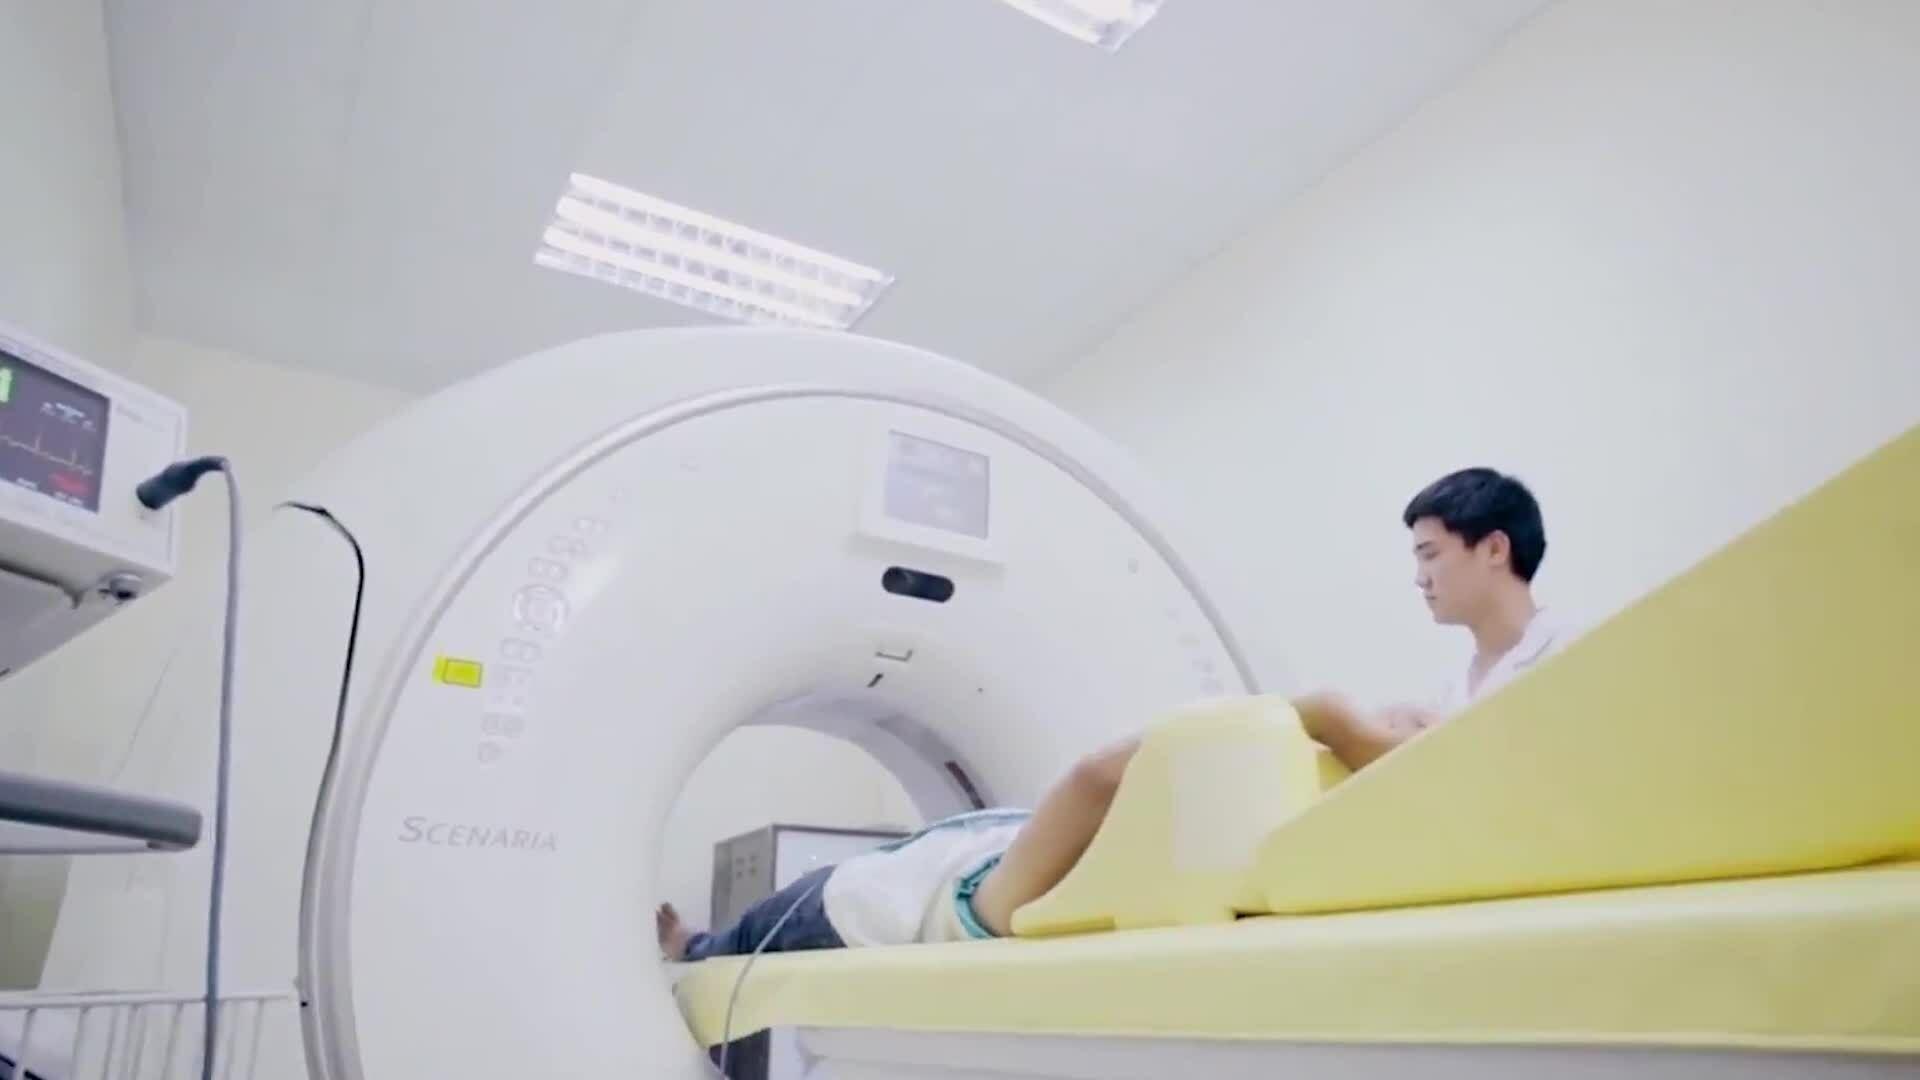 ọa đàm 'Ứng dụng trí tuệ nhân tạo trong y tế'